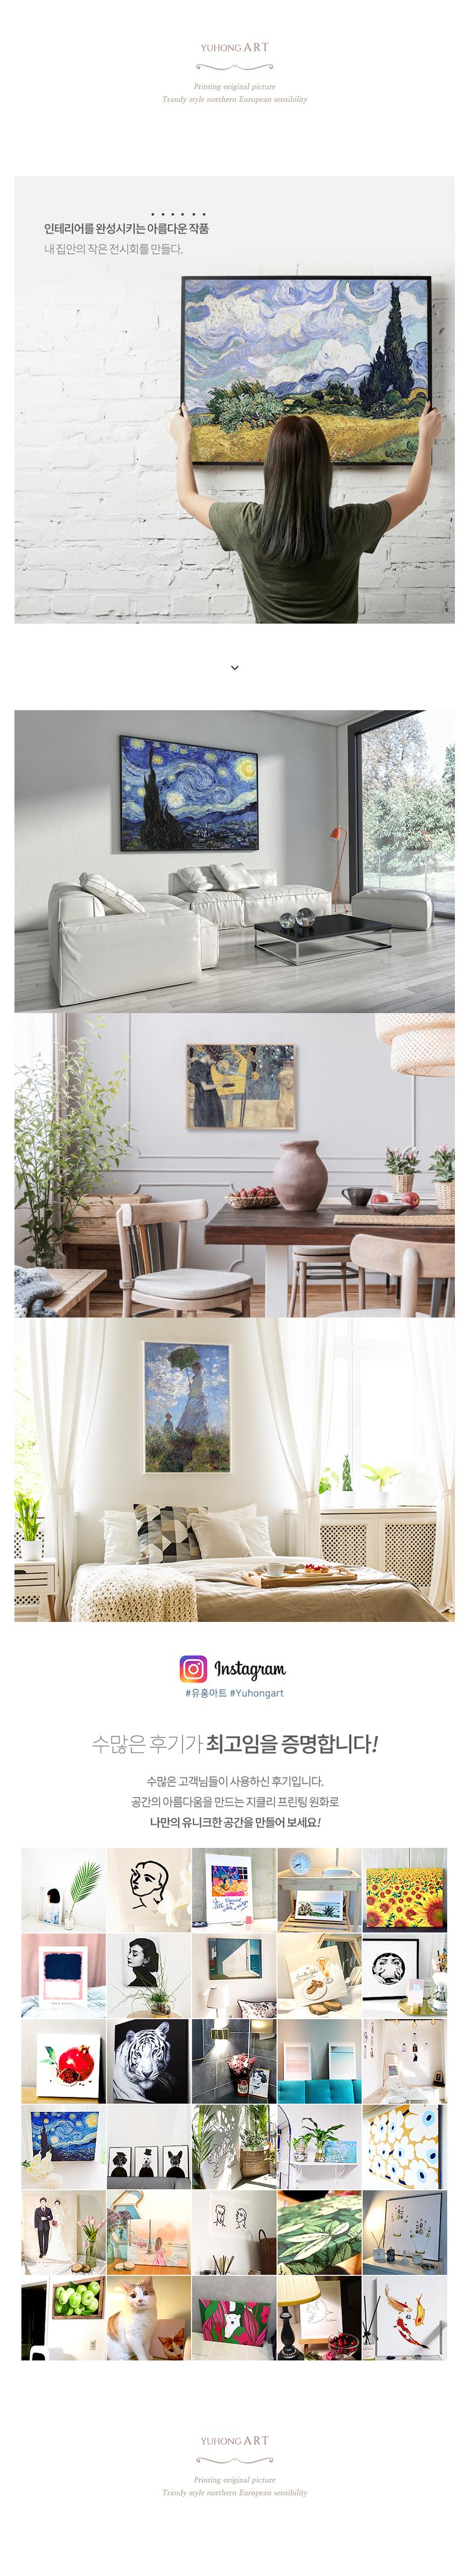 미니멀리즘 모던아트 그림 액자 캔버스 6종 - 유홍아트, 15,000원, 액자, 벽걸이액자